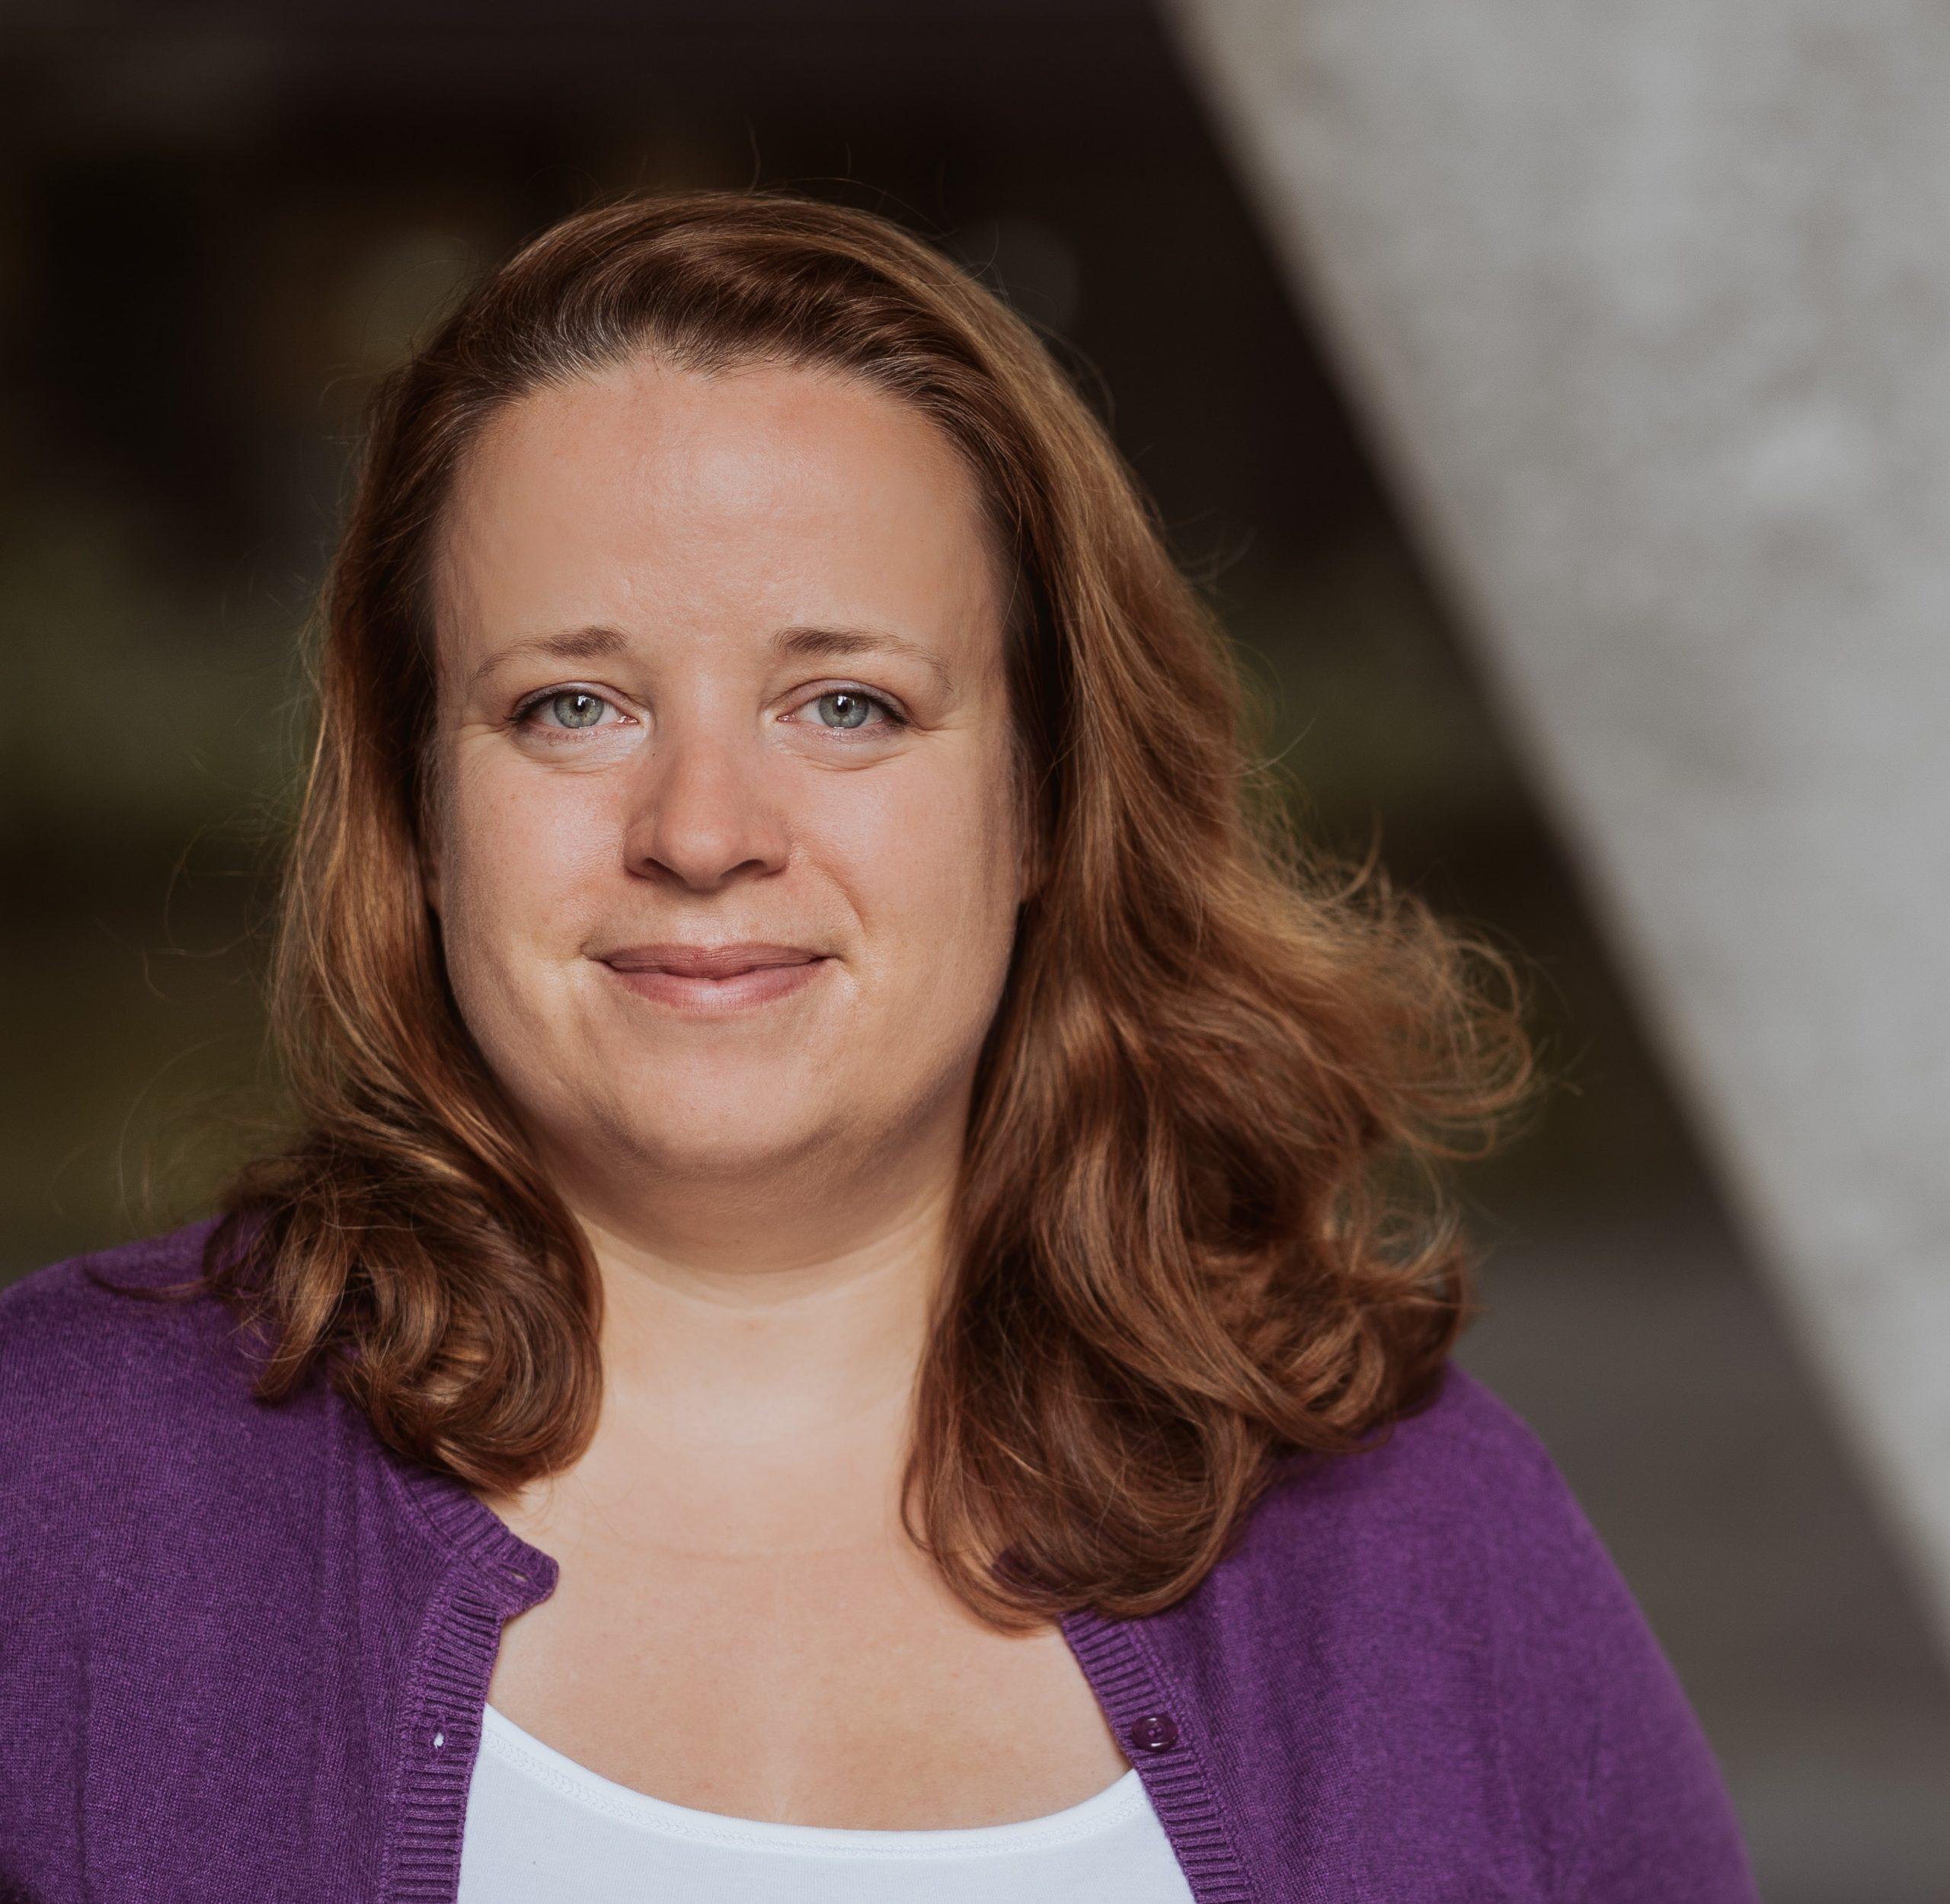 Claudia Schubert